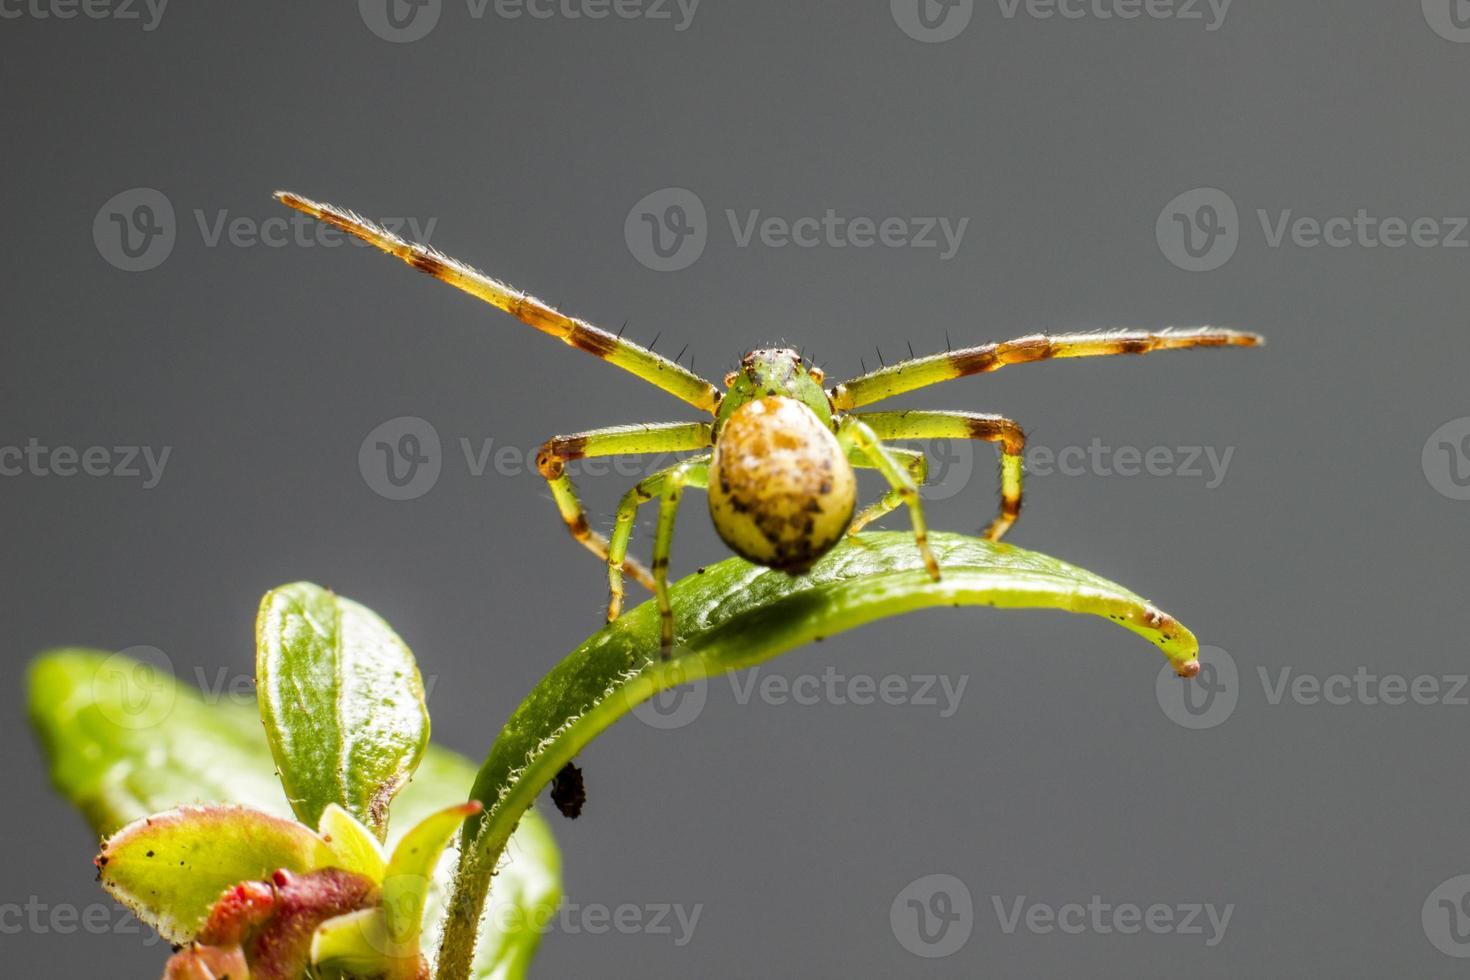 die grüne Krabbenspinne (diaea dorsata) foto